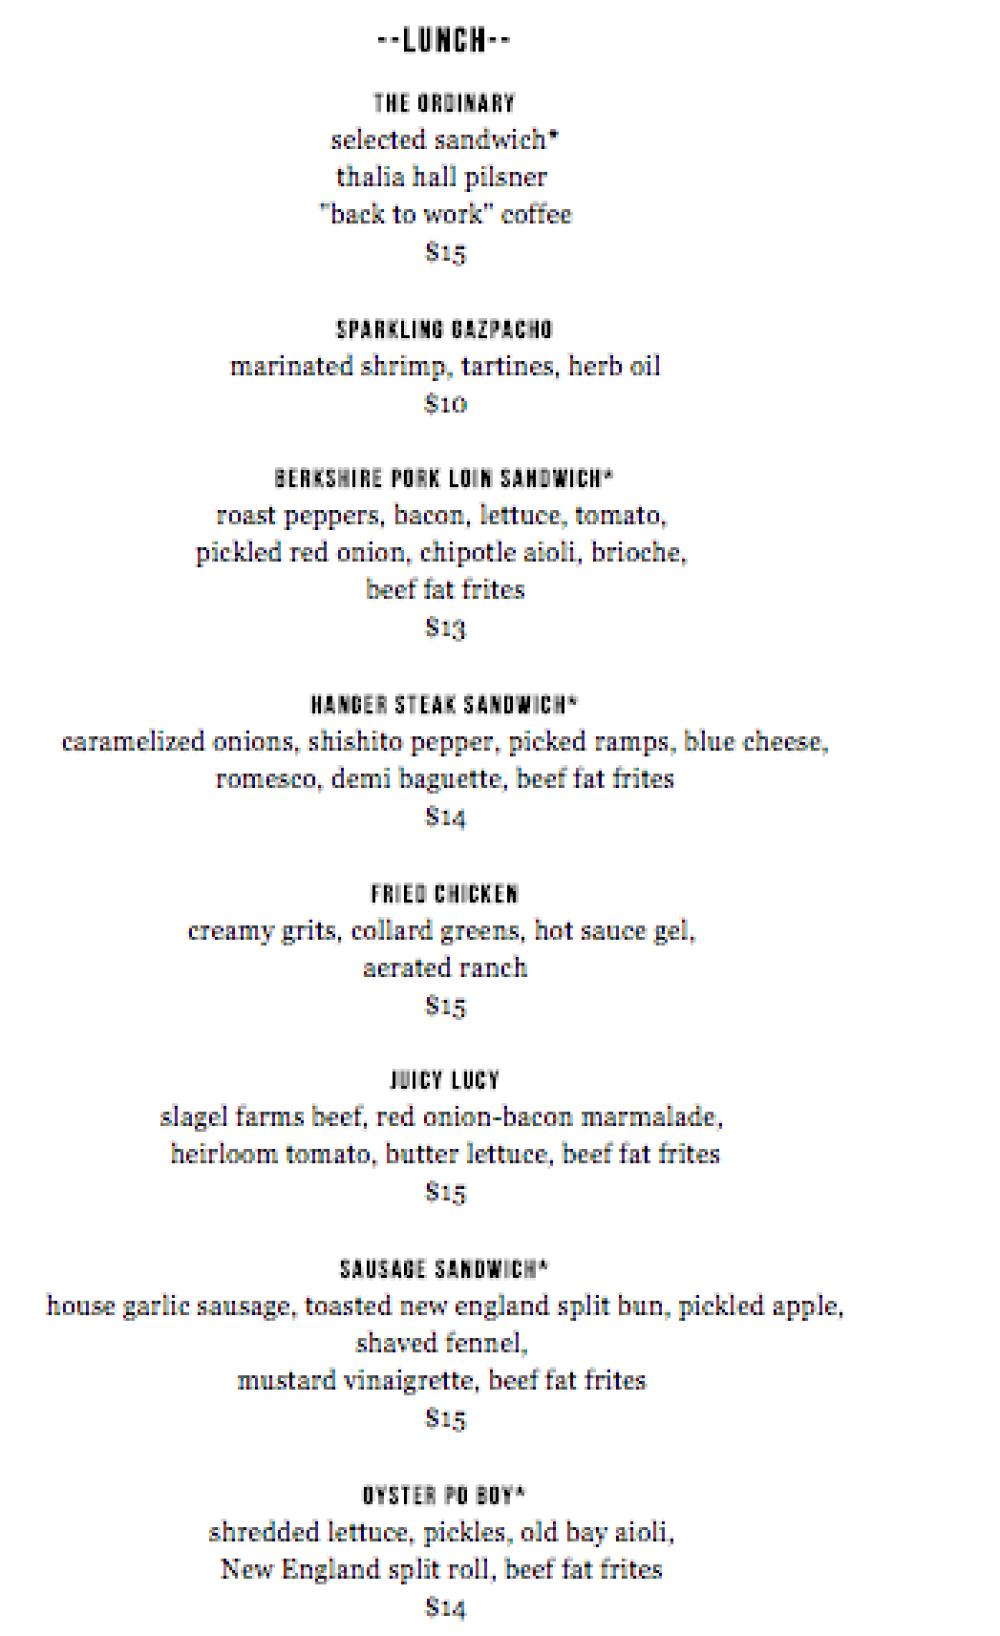 Duseks-lunch-menu